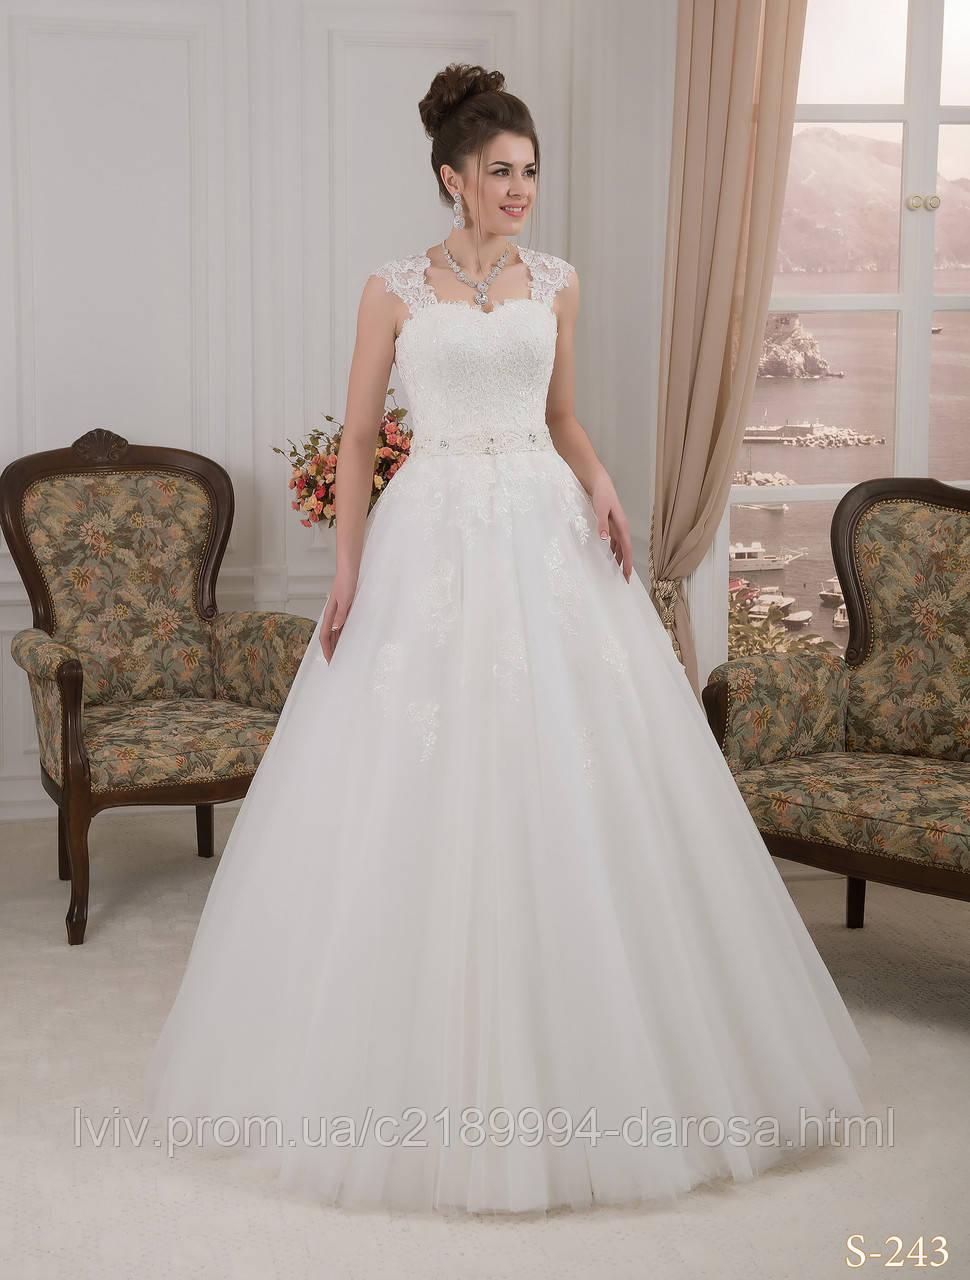 Свадебное платье расшитое жемчугом